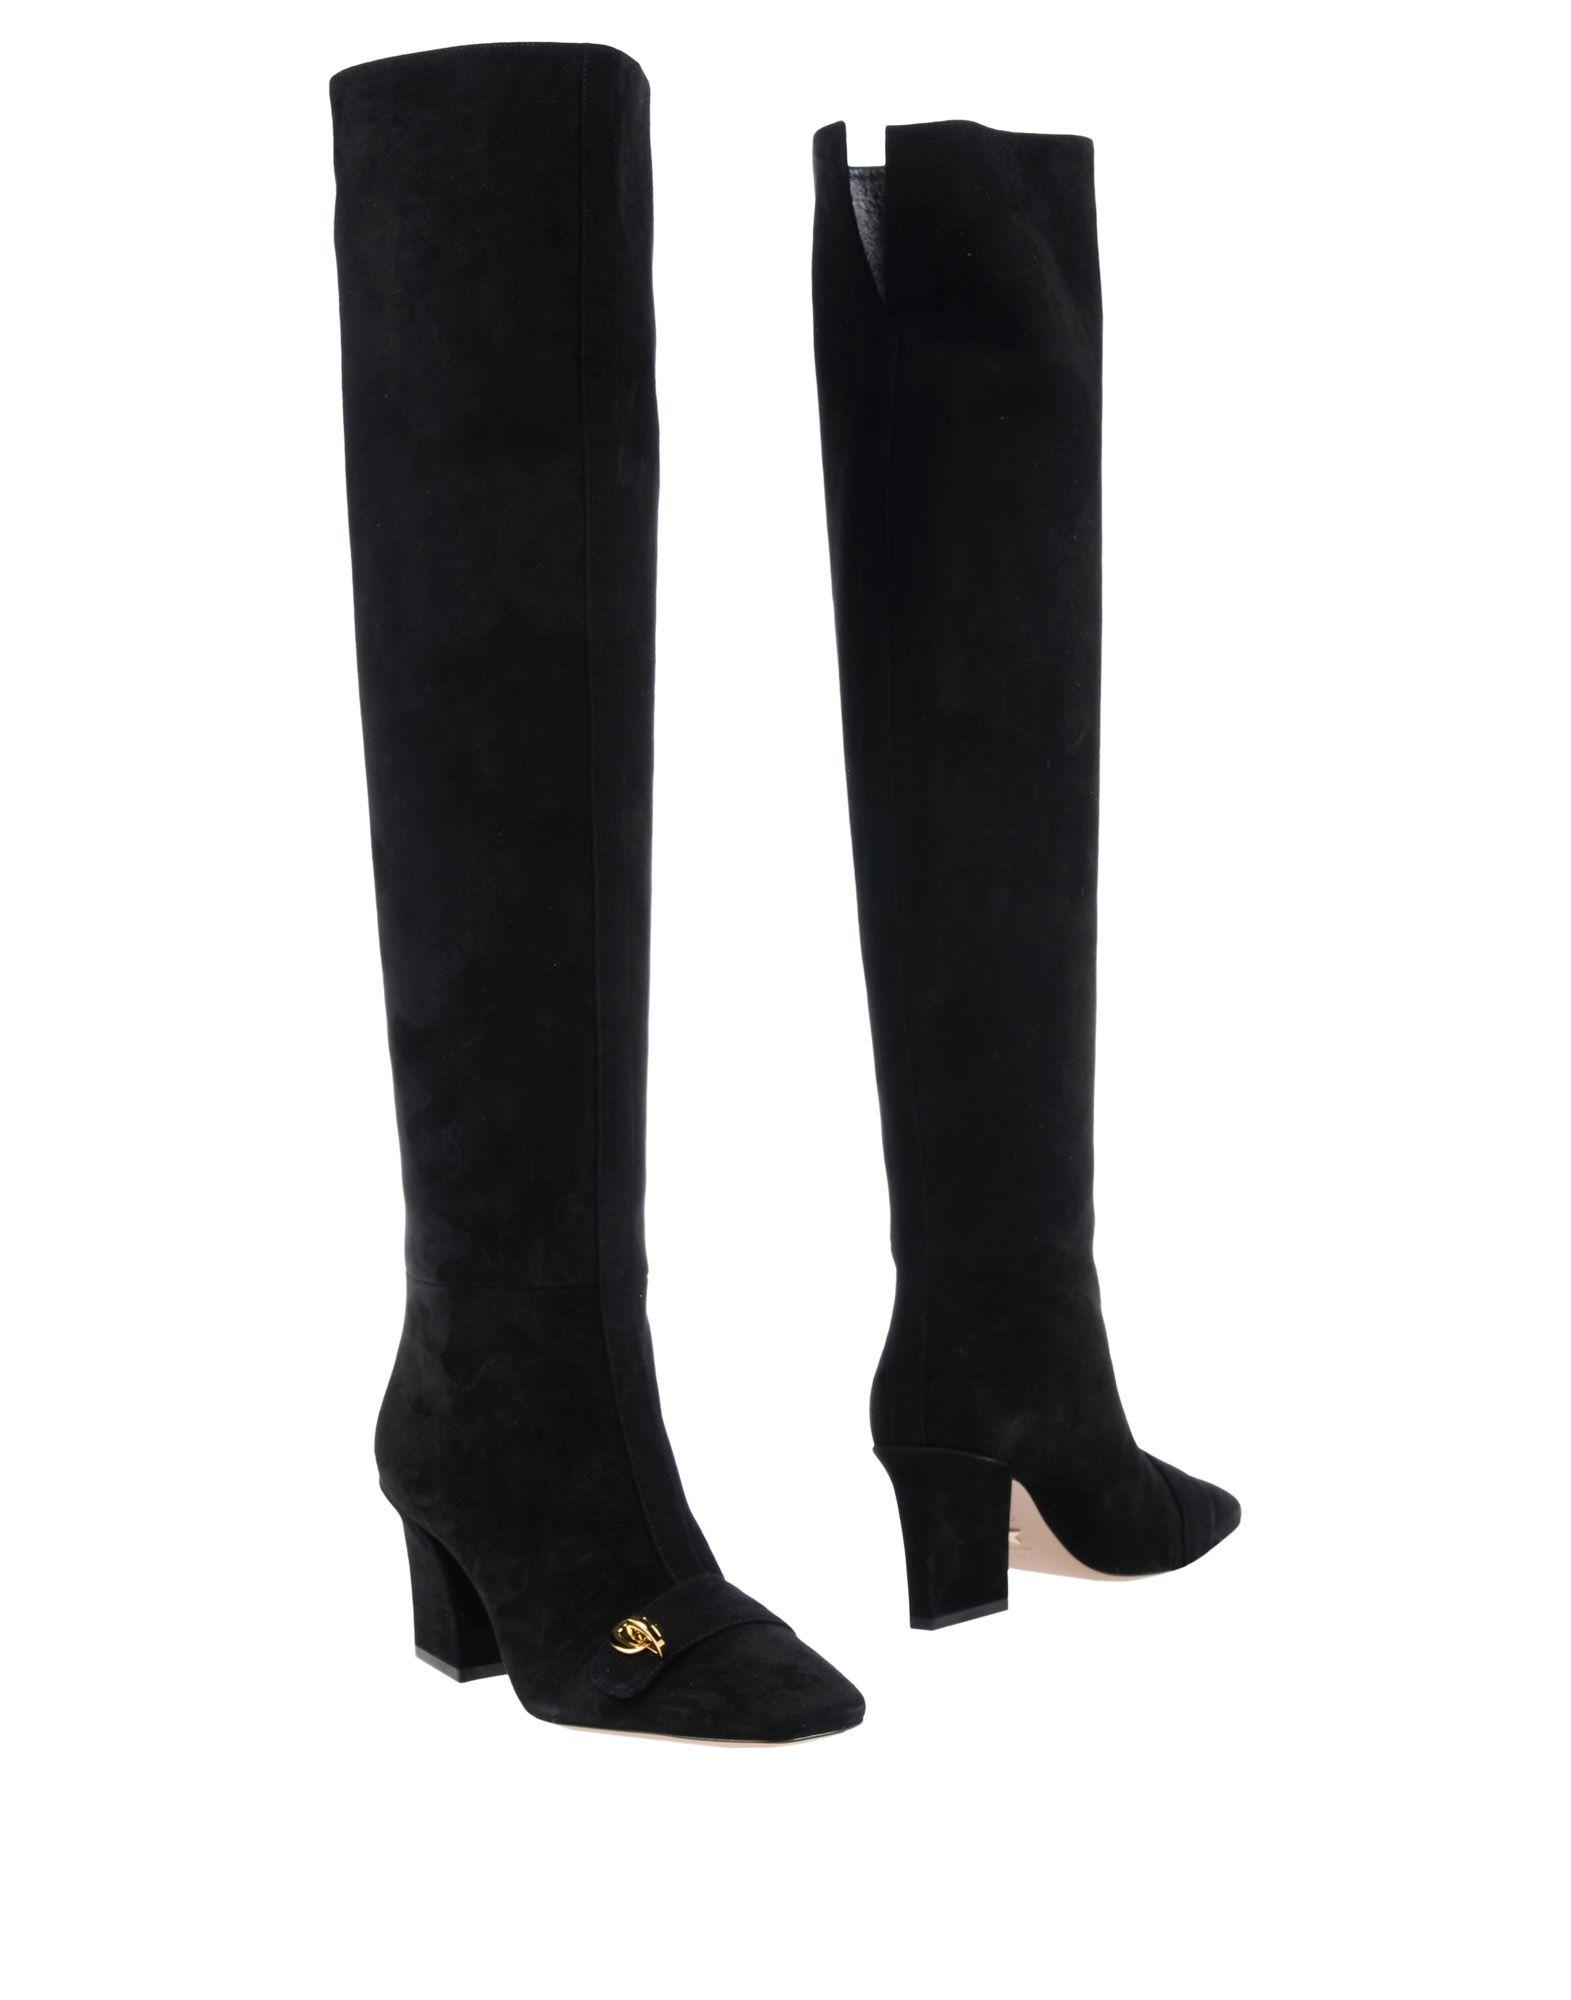 Dior Stiefel lohnt Damen Gutes Preis-Leistungs-Verhältnis, es lohnt Stiefel sich d03e09